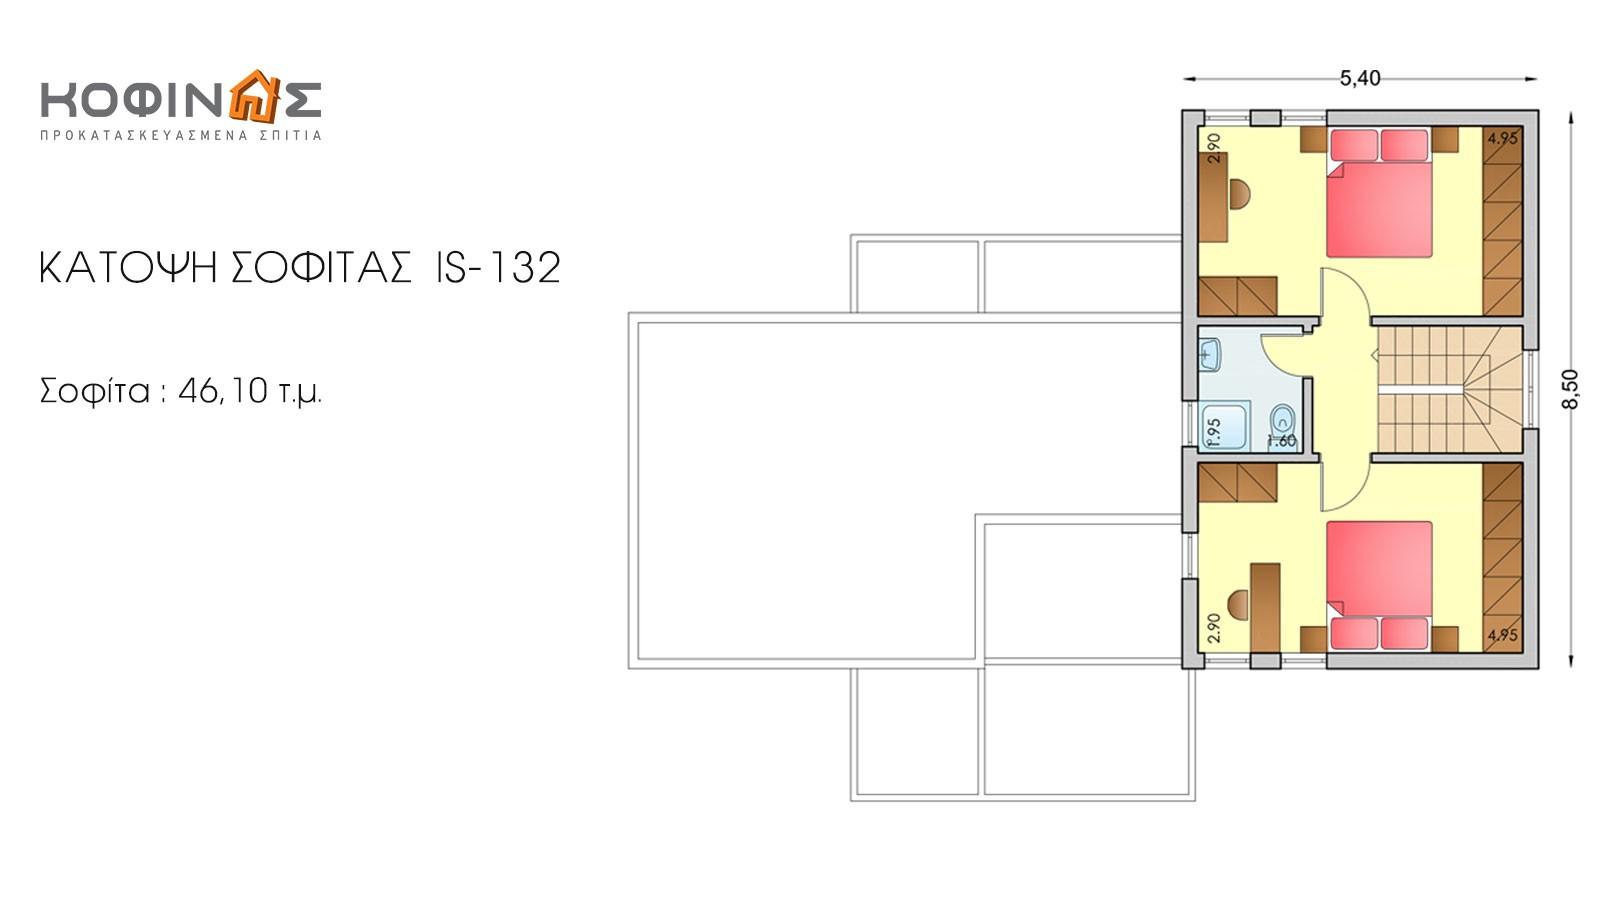 Ισόγεια Κατοικία με Σοφίτα IS-132, συνολικής επιφάνειας 132 τ.μ.